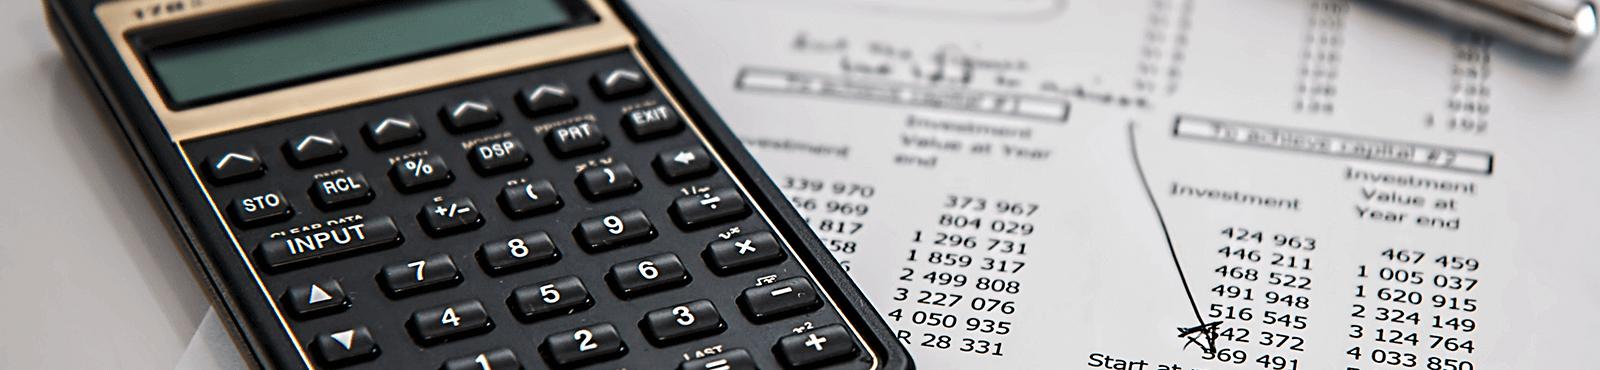 Ihr gutes Recht: Mahngebühren, Mahnpauschalen und Verzugszinsen berechnen